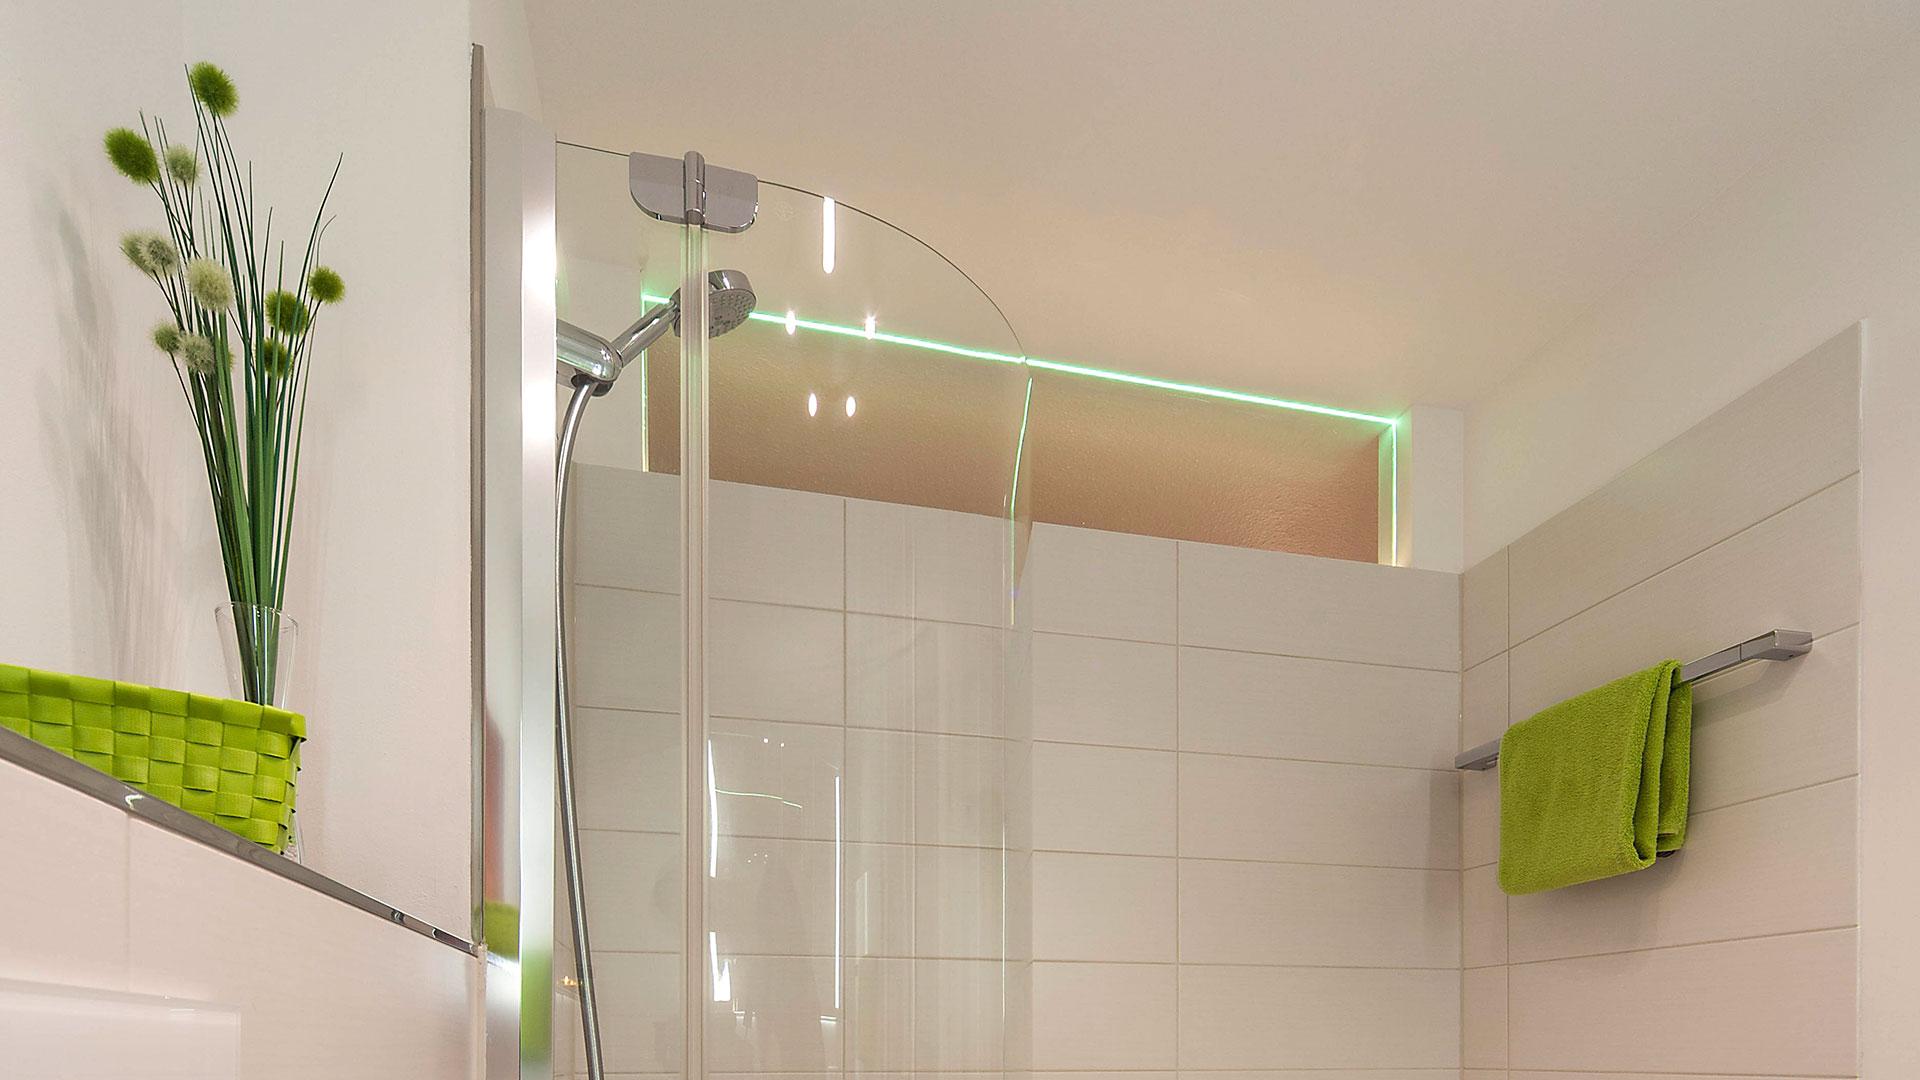 Funktionales Bad mit trendigem Oberlicht   Zitzelsberger GmbH